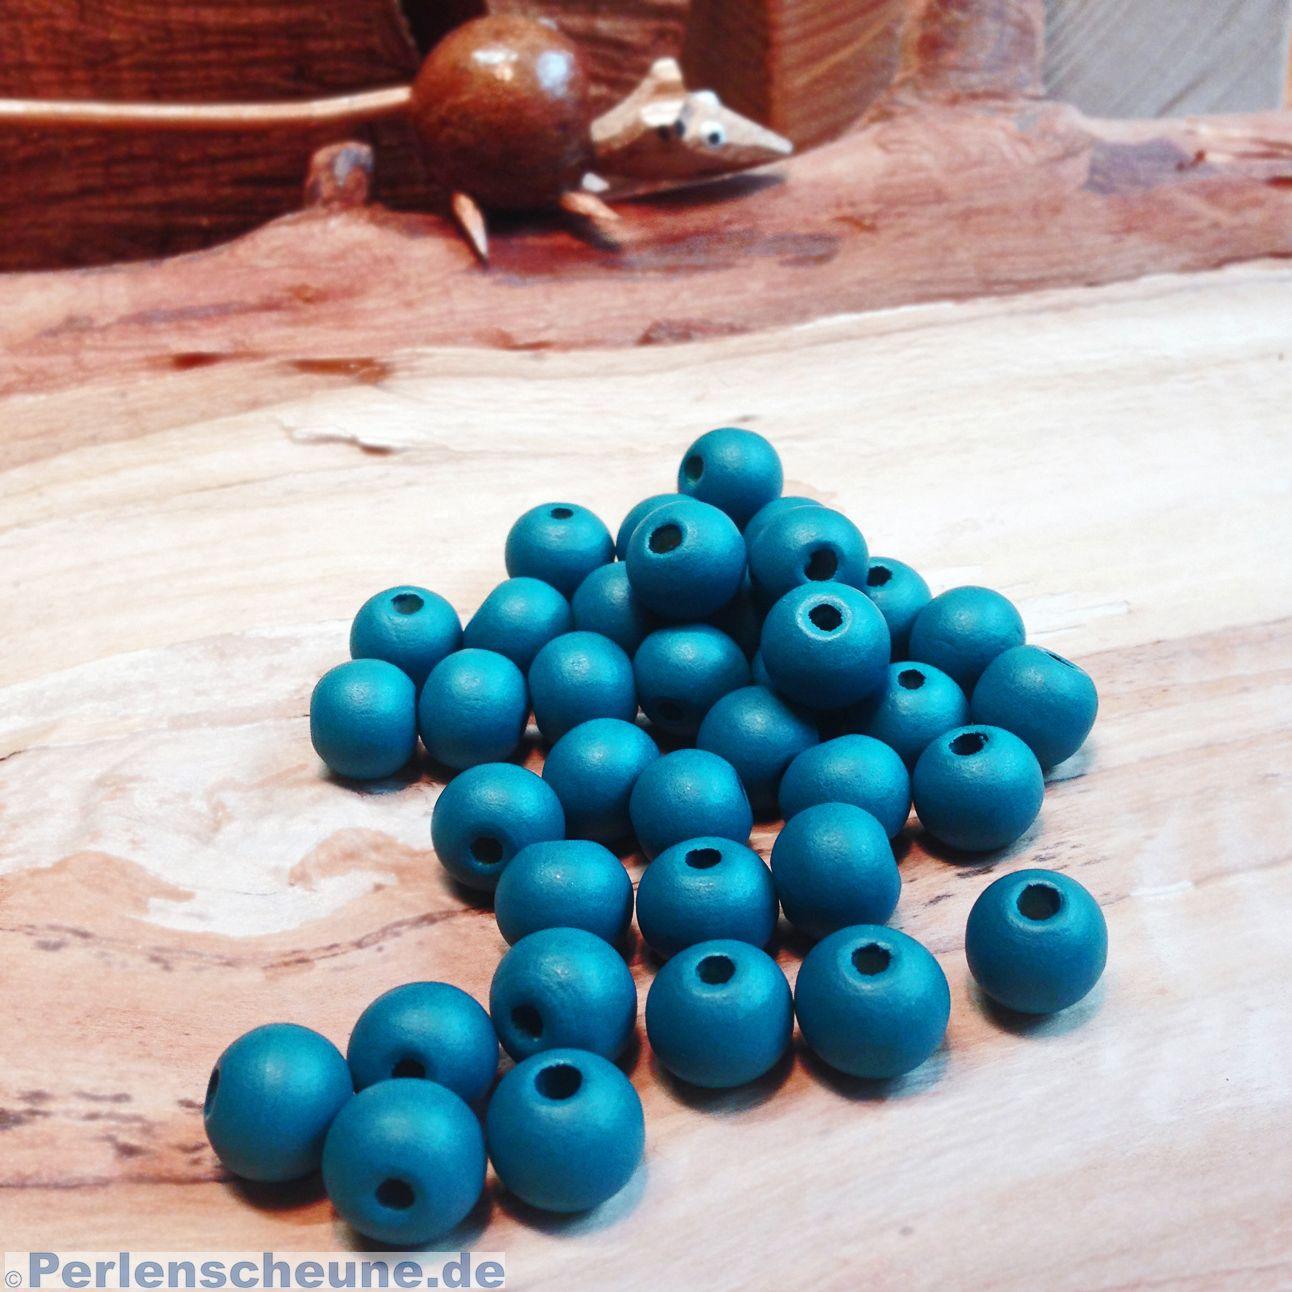 holzkugeln 10 mm f r kinderketten und zum basteln blau. Black Bedroom Furniture Sets. Home Design Ideas